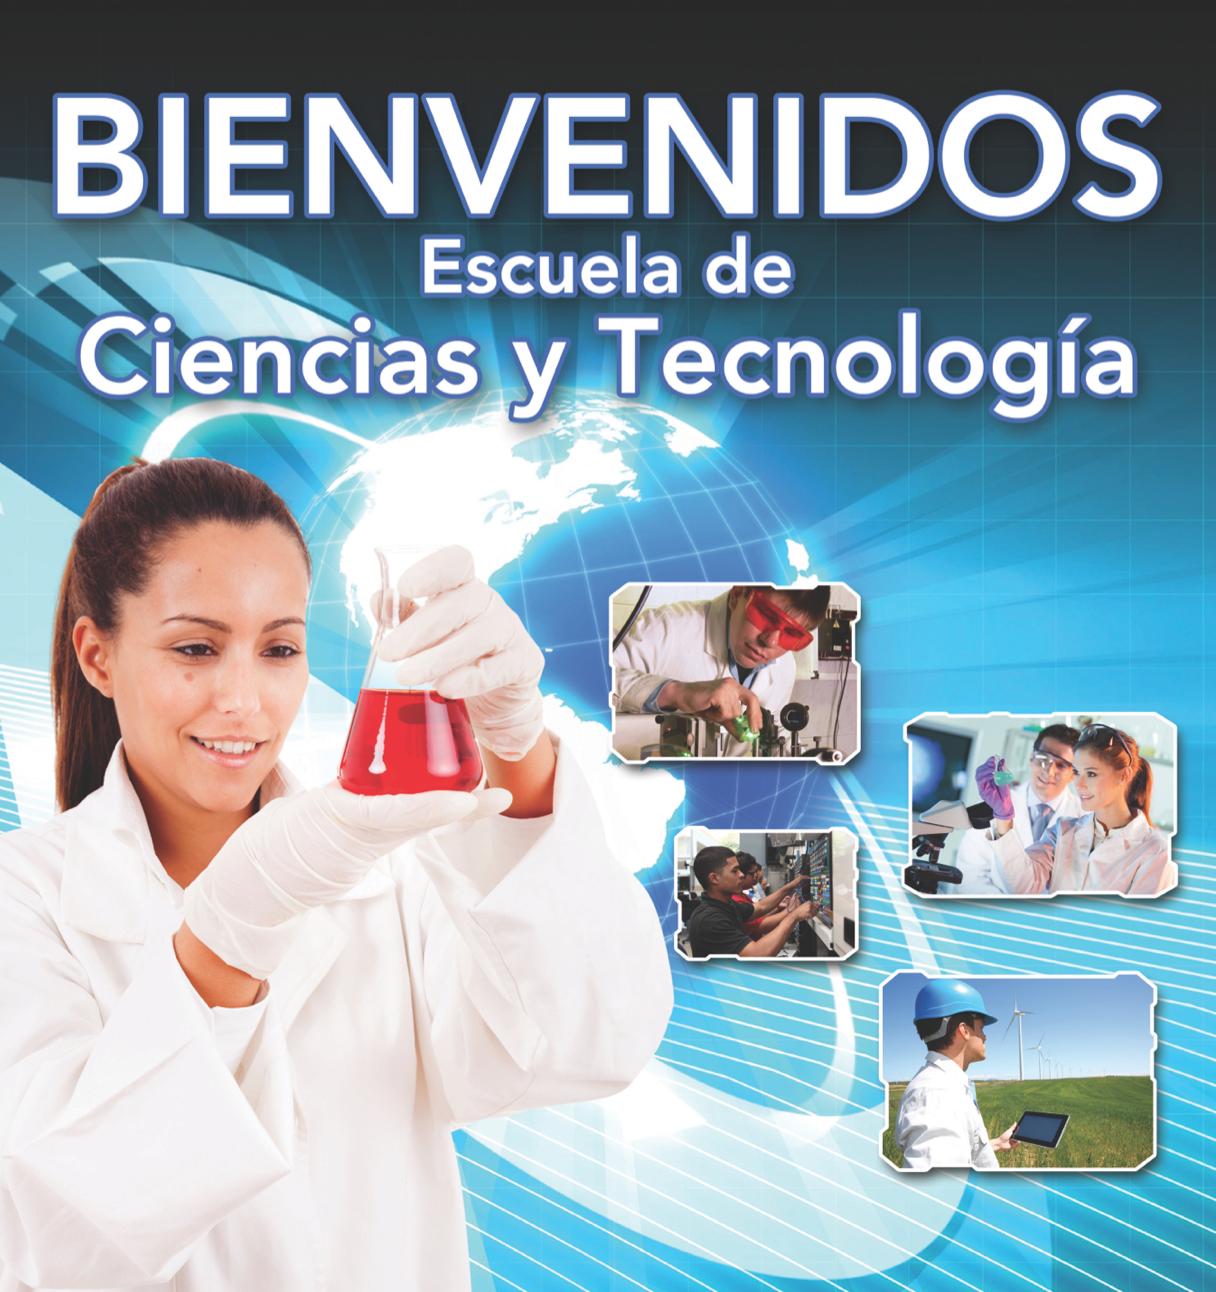 Rotulación Escuela de Ciencias y Tecnología - UNE